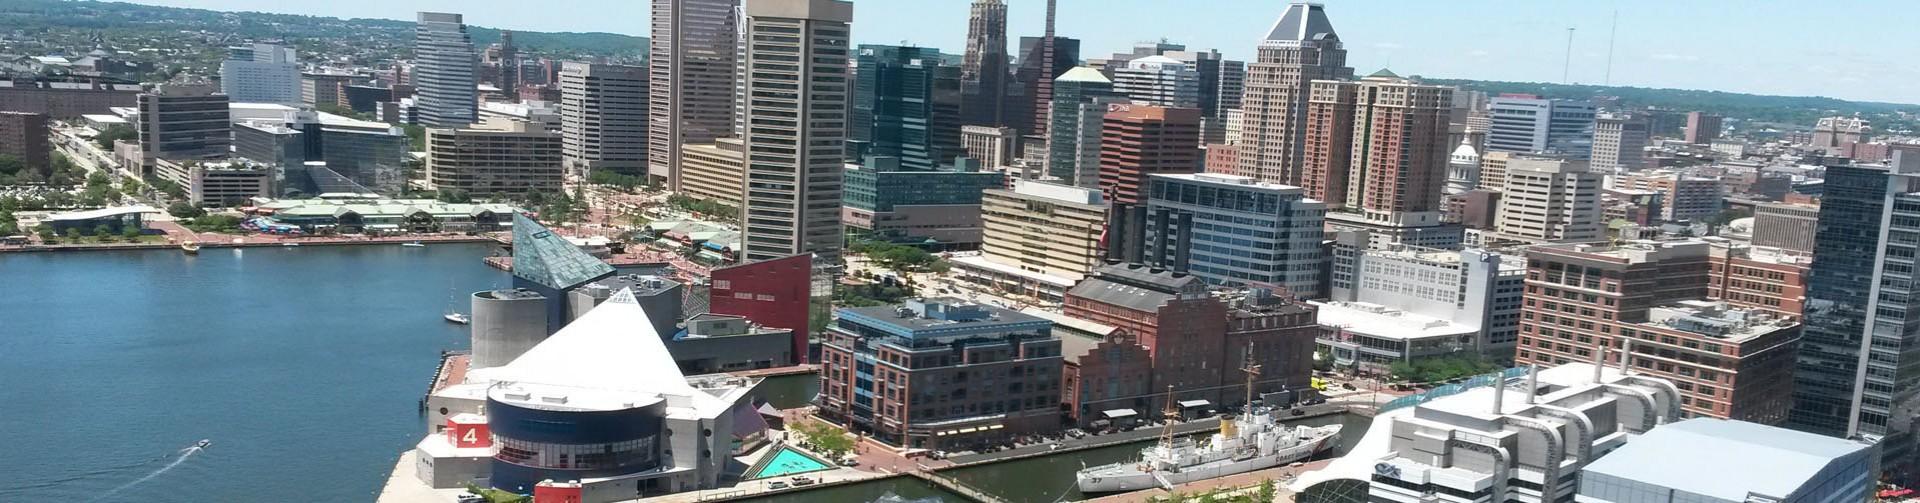 Baltimore Inner Harbor For Desktop